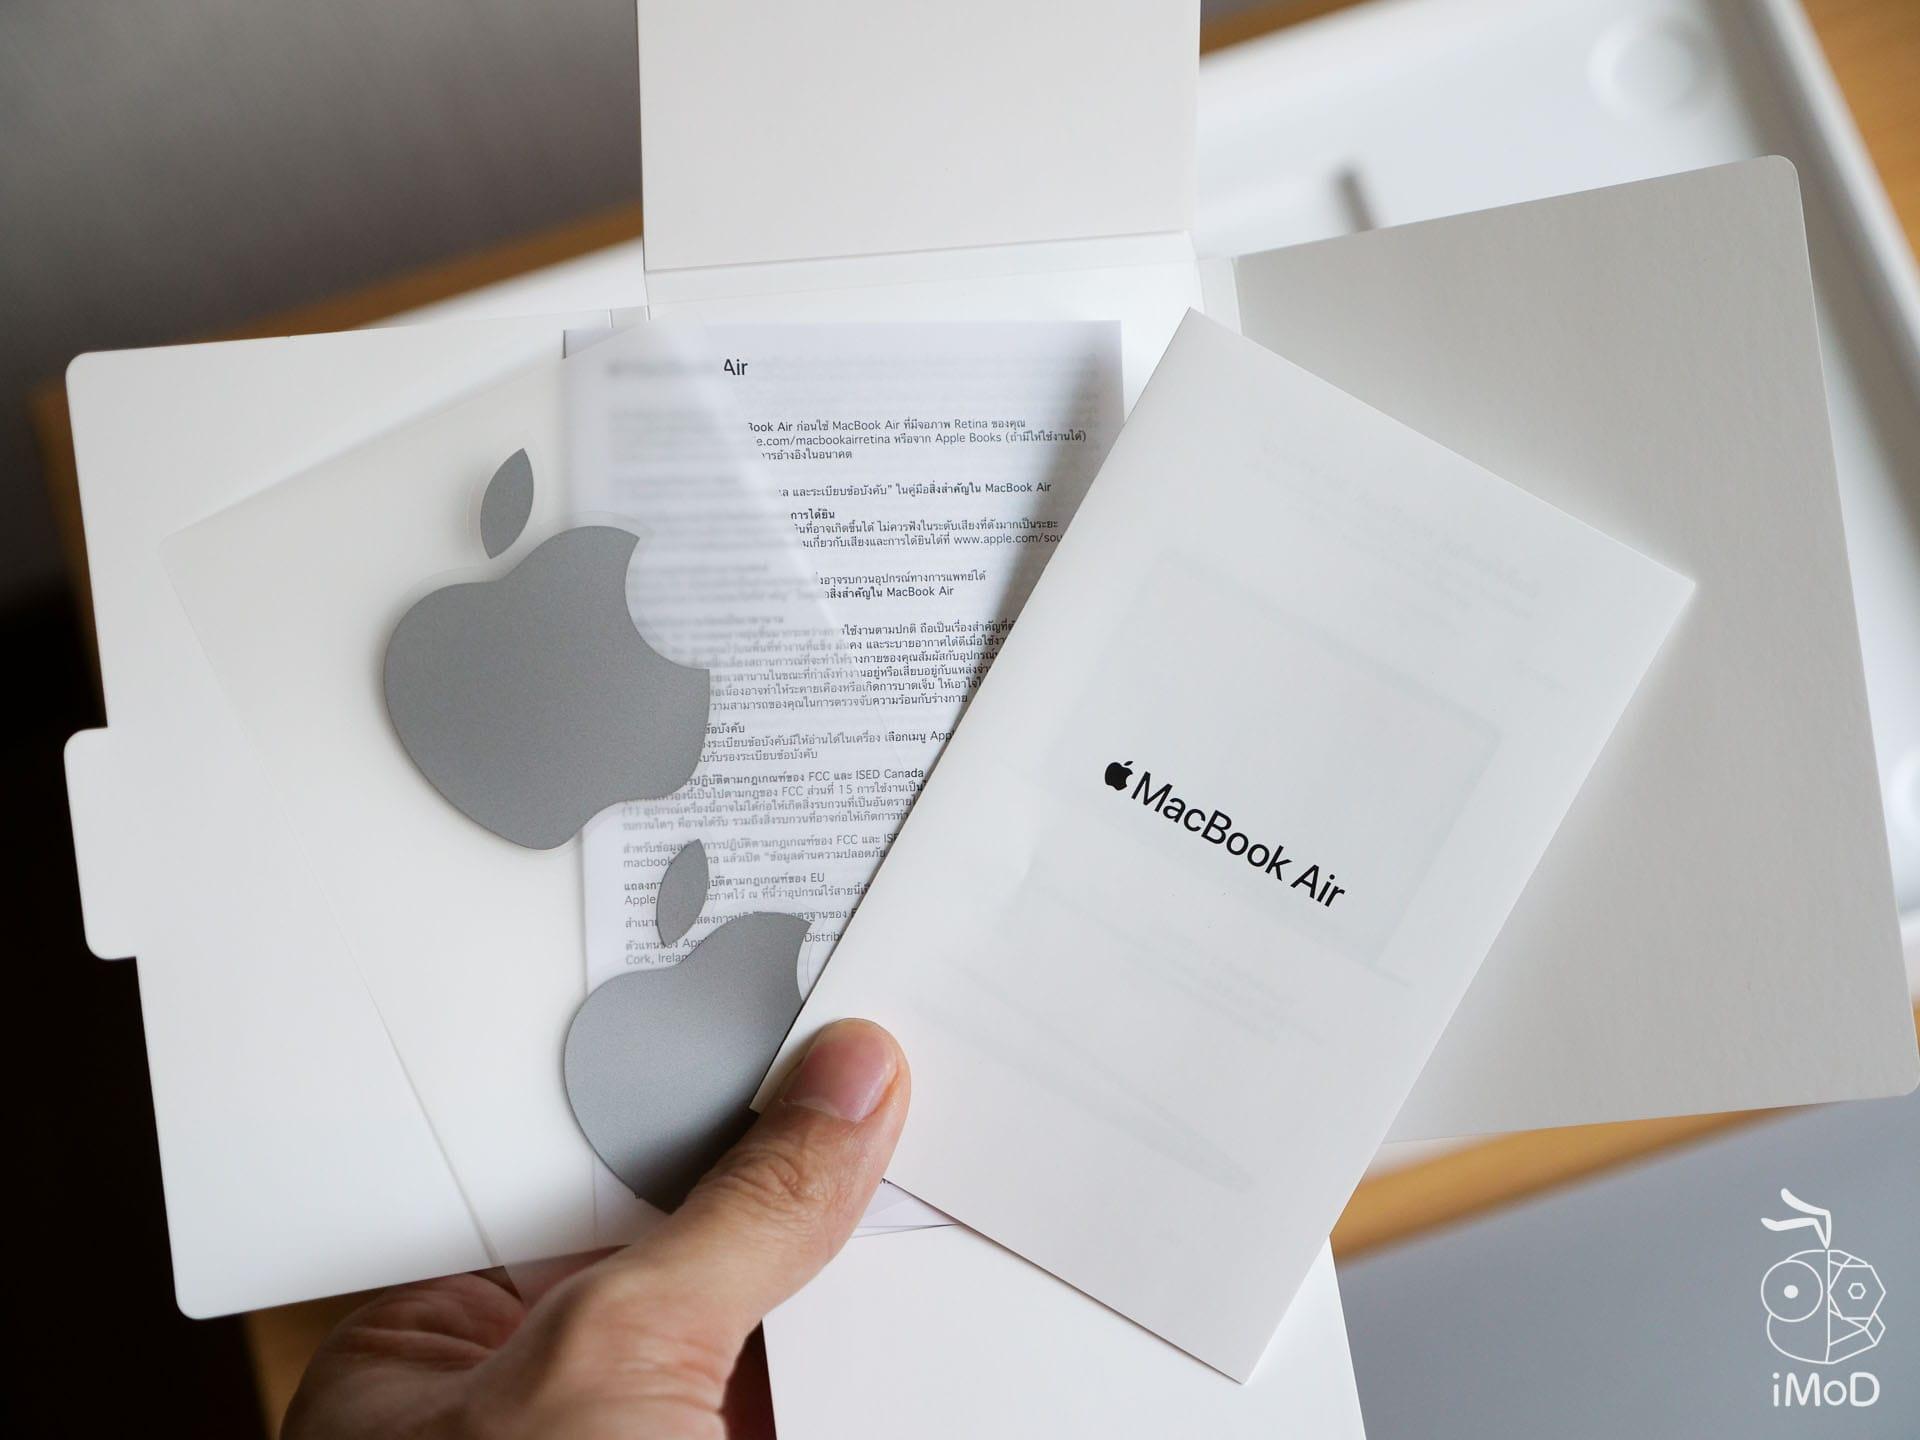 Macbook Air 2108 Review 1222773